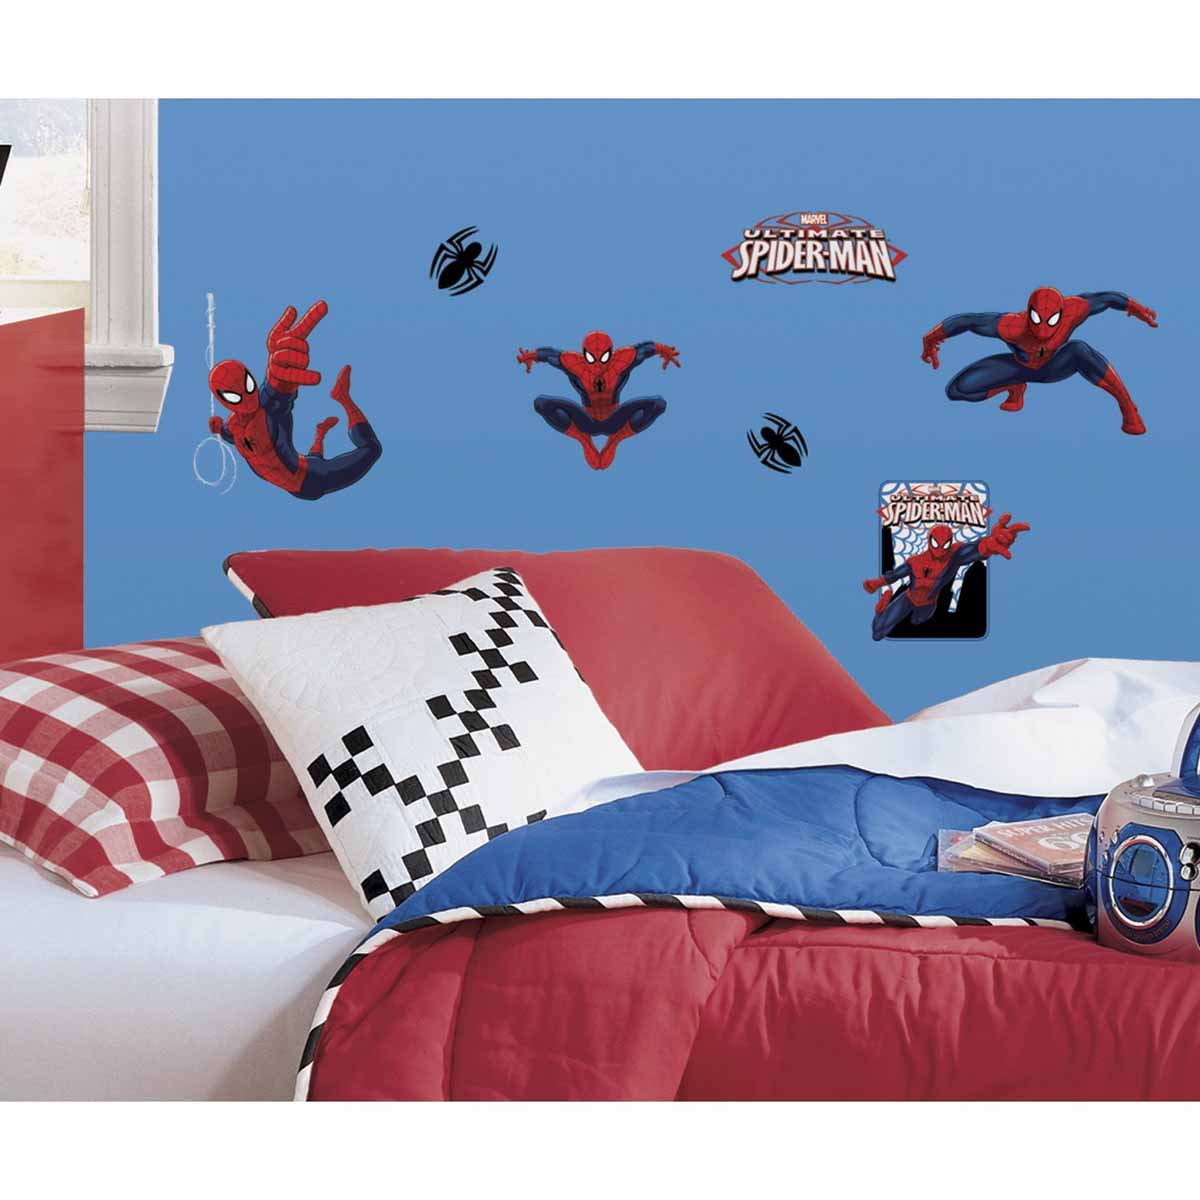 RoomMates Наклейки для декора Человек-паук43415Наклейки для декора Человек-паук от знаменитого производителя RoomMates станут украшением вашей квартиры! Новый красочный набор наклеек для декора оценит любой поклонник знаменитого комикса! Наклейки, входящие в набор, содержат изображения персонажей классического комикса про приключения Человека-Паука. Всего в наборе 22 стикера. Наклейки не нужно вырезать - их следует просто отсоединить от защитного слоя и поместить на стену или любую другую плоскую гладкую поверхность. Наклейки многоразовые: их легко переклеивать и снимать со стены, они не оставляют липких следов на поверхности. В каждой индивидуальной упаковке вы можете найти 4 листа с различными наклейками! Таким образом, покупая наклейки фирмы RoomMates, вы получаете гораздо больший ассортимент наклеек, имея возможность украсить ими различные поверхности в доме.